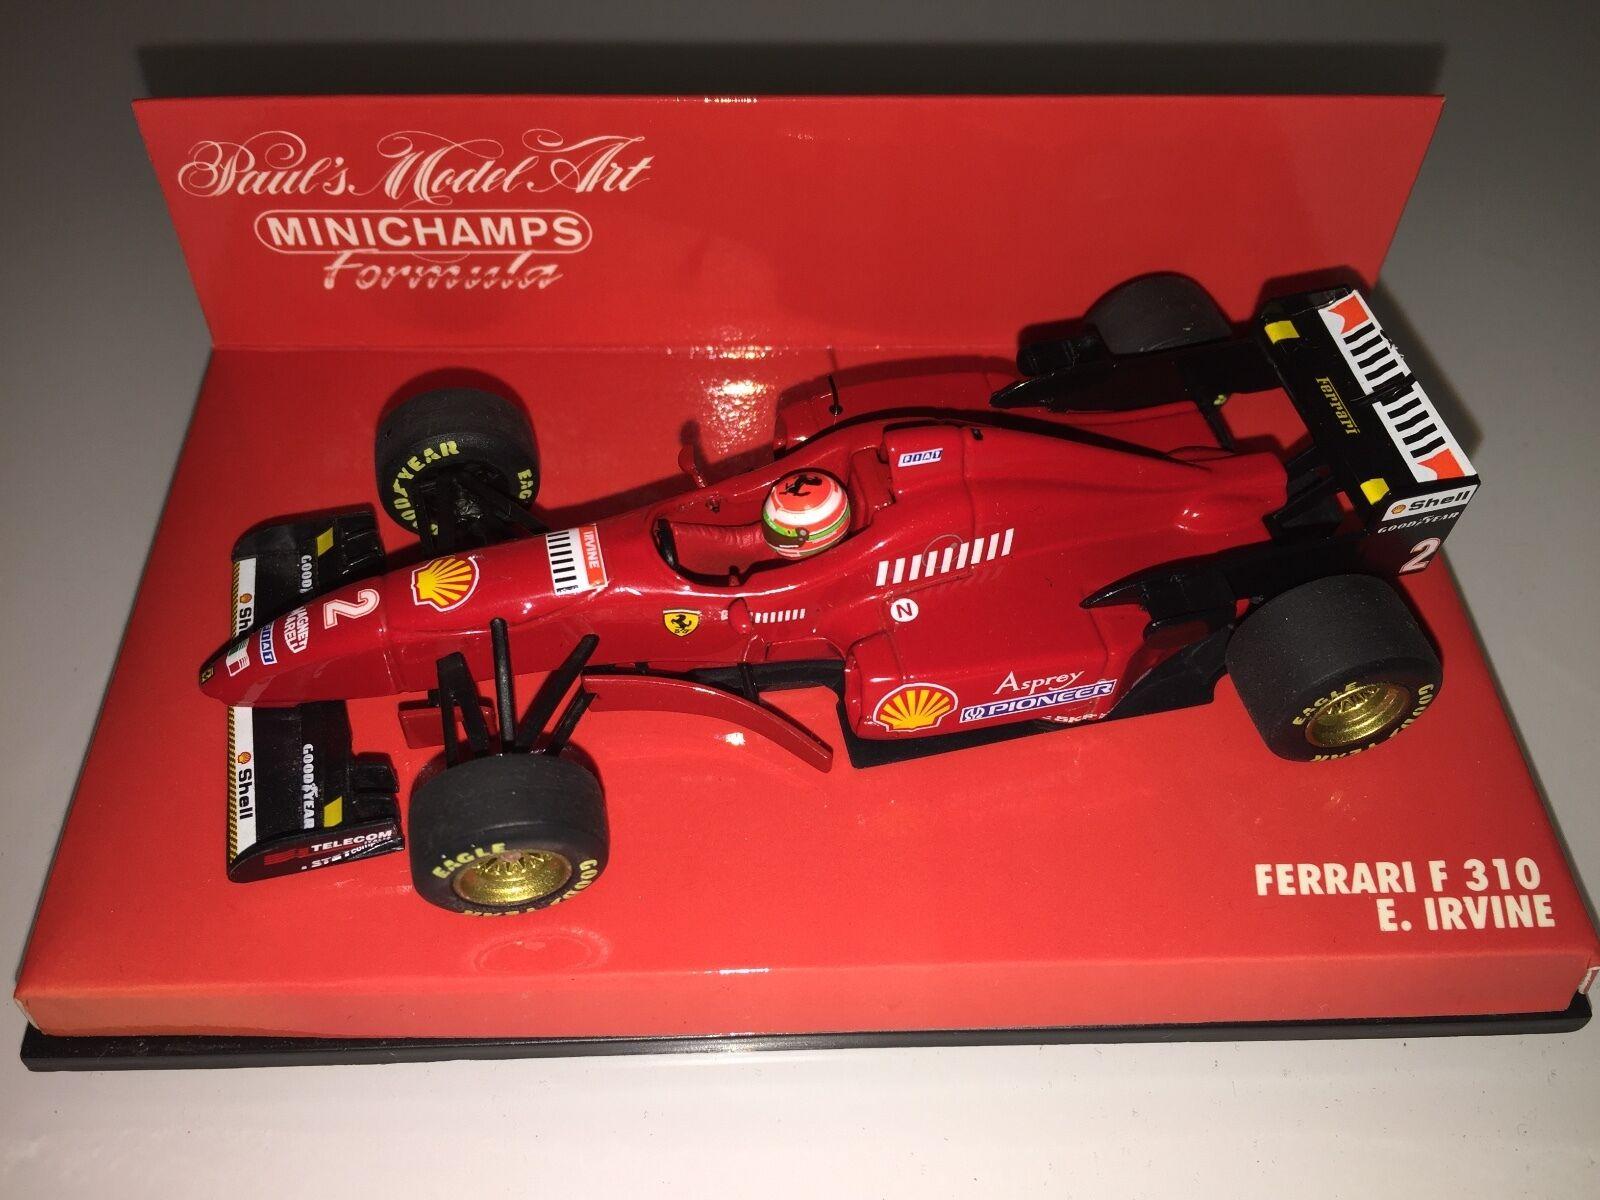 mejor calidad mejor precio Minichamps 1 43 Eddie Irvine Ferrari F310 F1 1996 race race race Coche  buena reputación